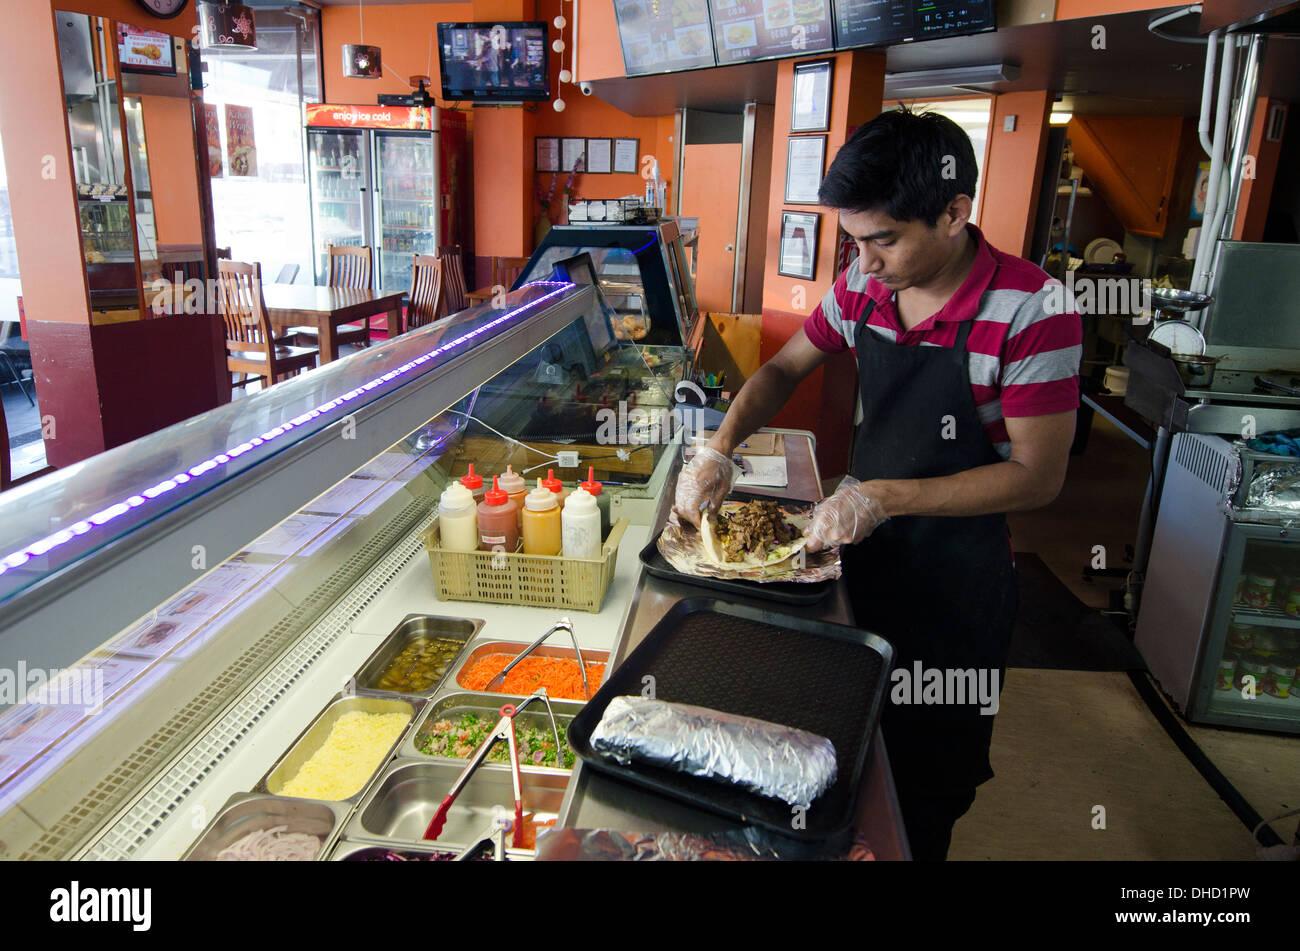 A man prepares a doner kebab or arab shawarma at a fast food restaurant - Stock Image